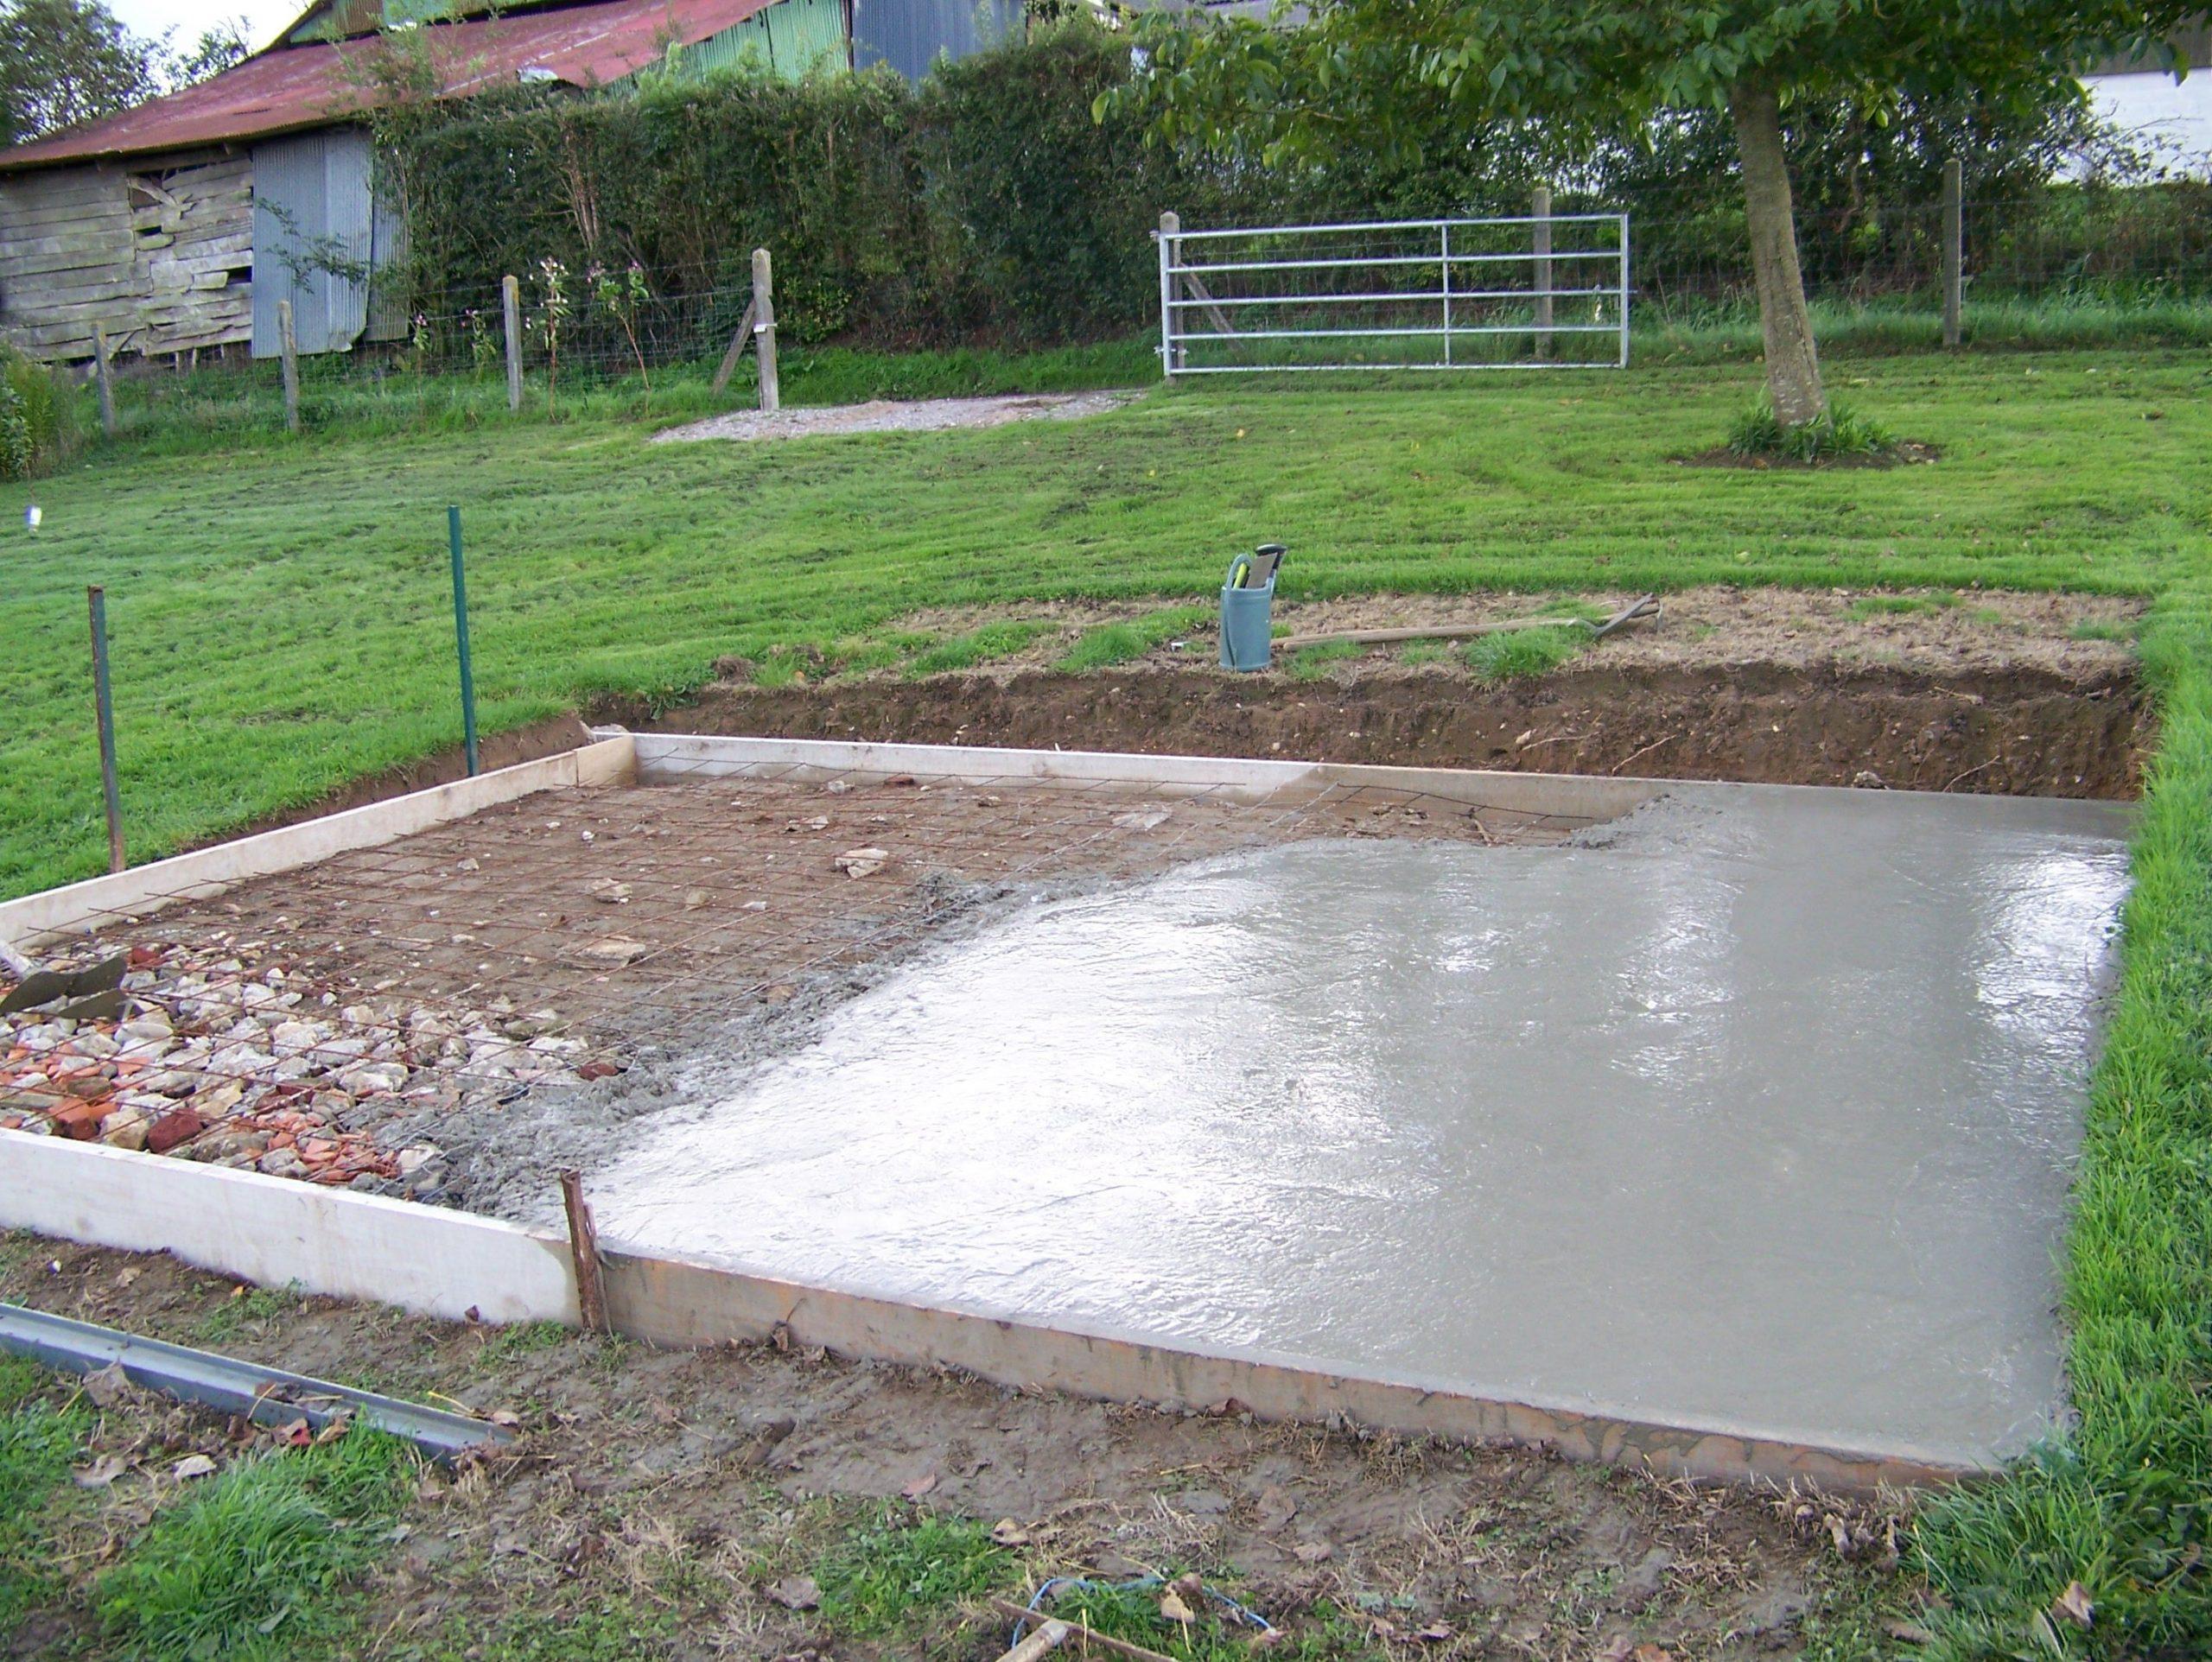 Comment Faire Une Dalle En Béton Pour Un Abri De Jardin? destiné Cabane De Jardin En Beton